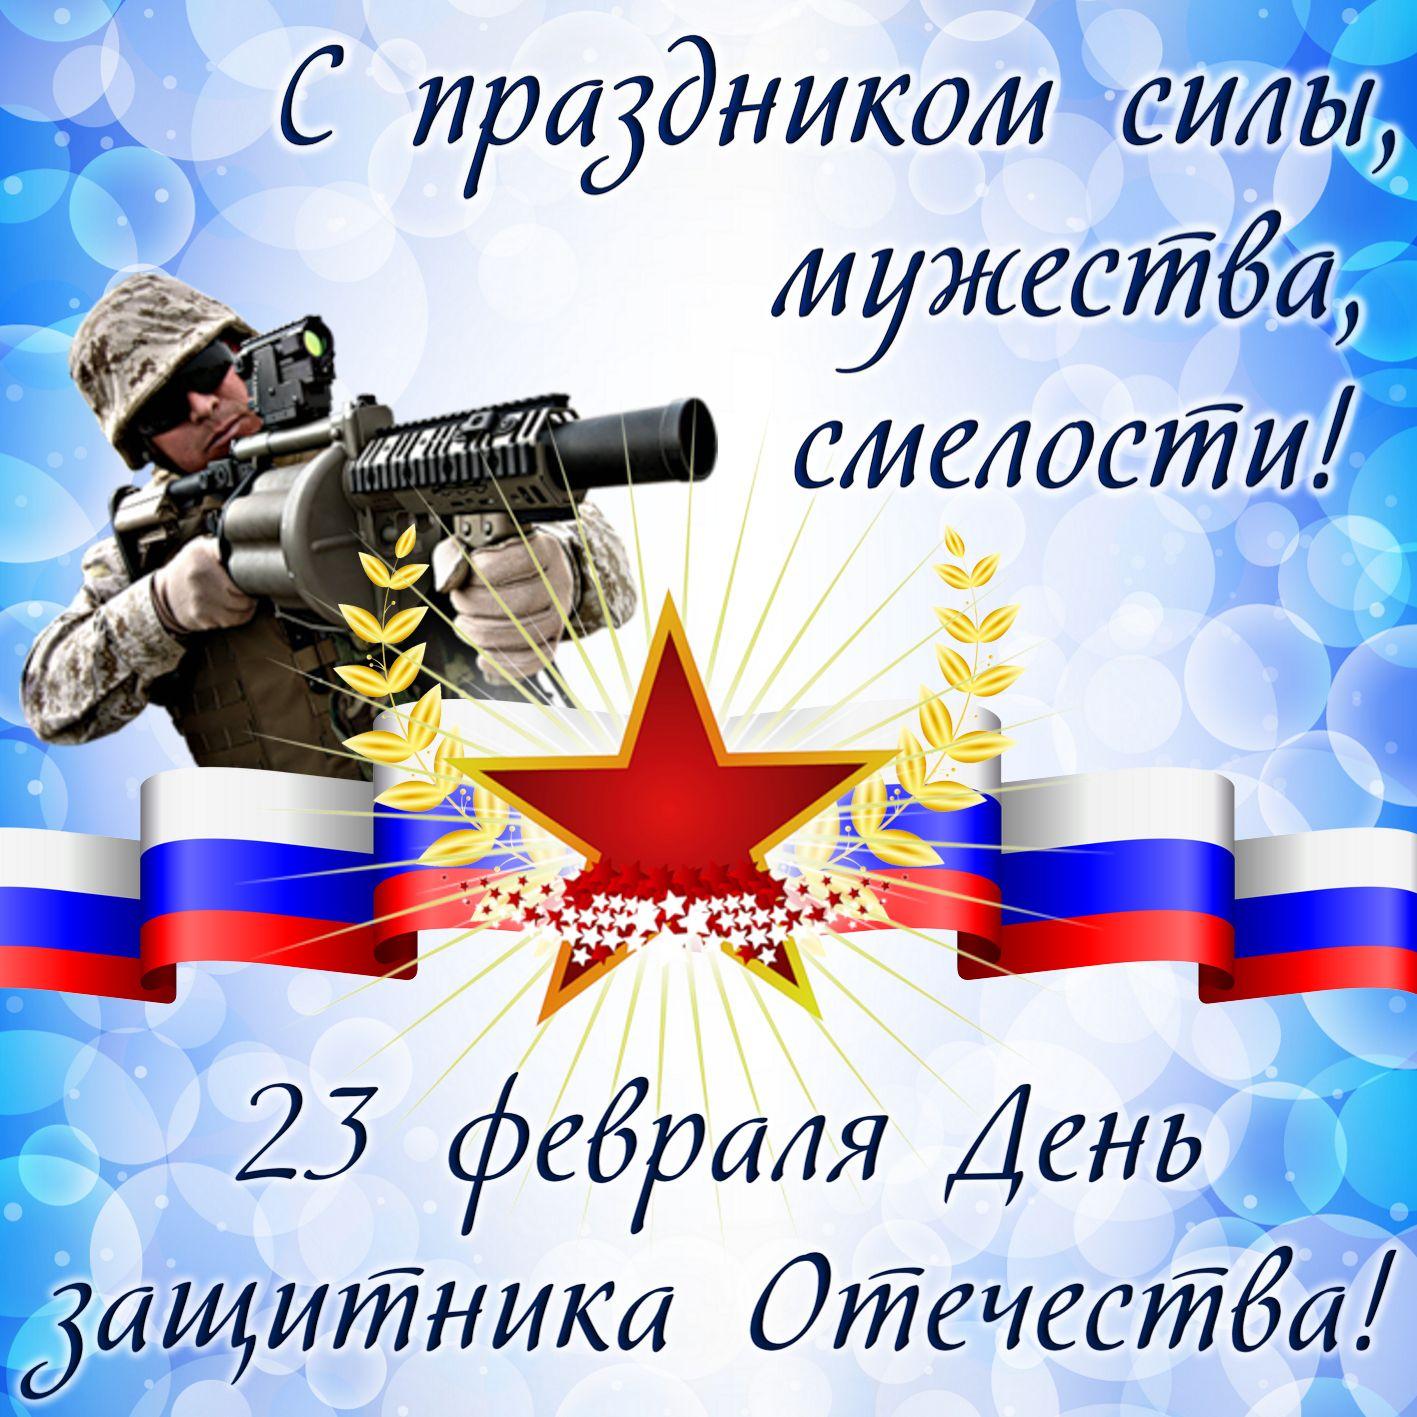 Анимации, 23 февраля день защитника отечества поздравления картинки